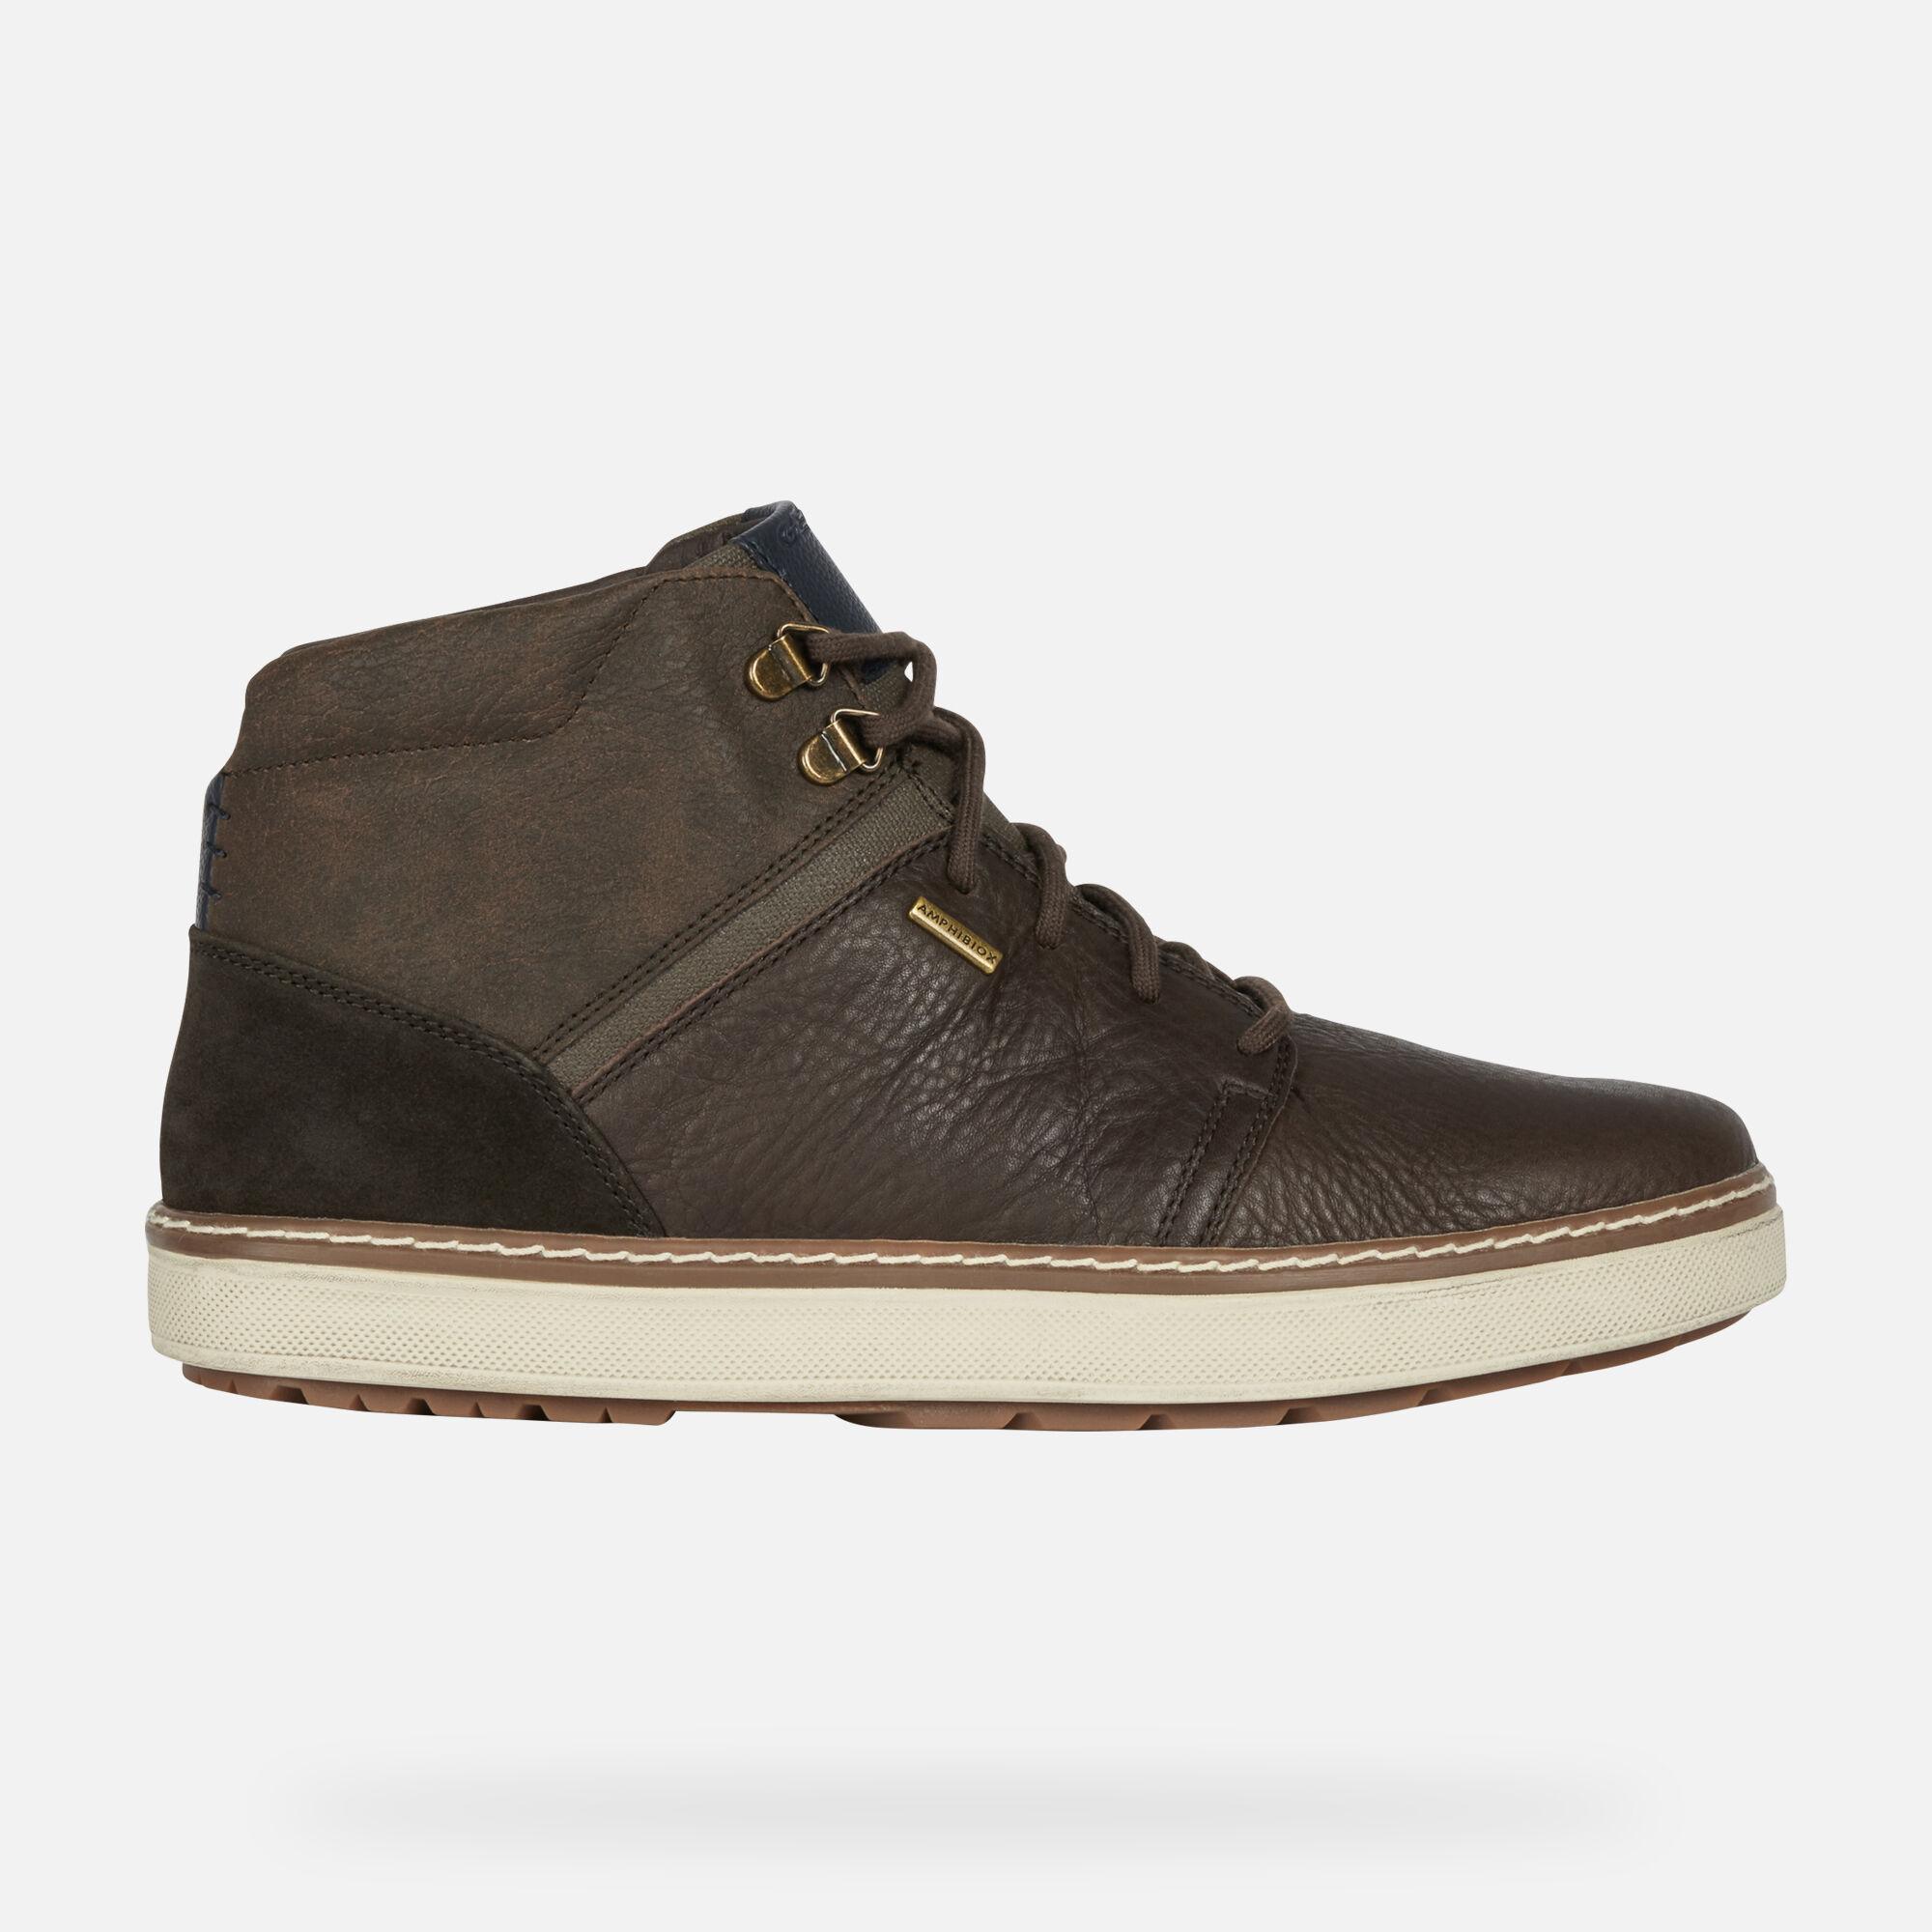 Geox MATTIAS B ABX Uomo: Sneakers Alte Caffè | Geox FW1920